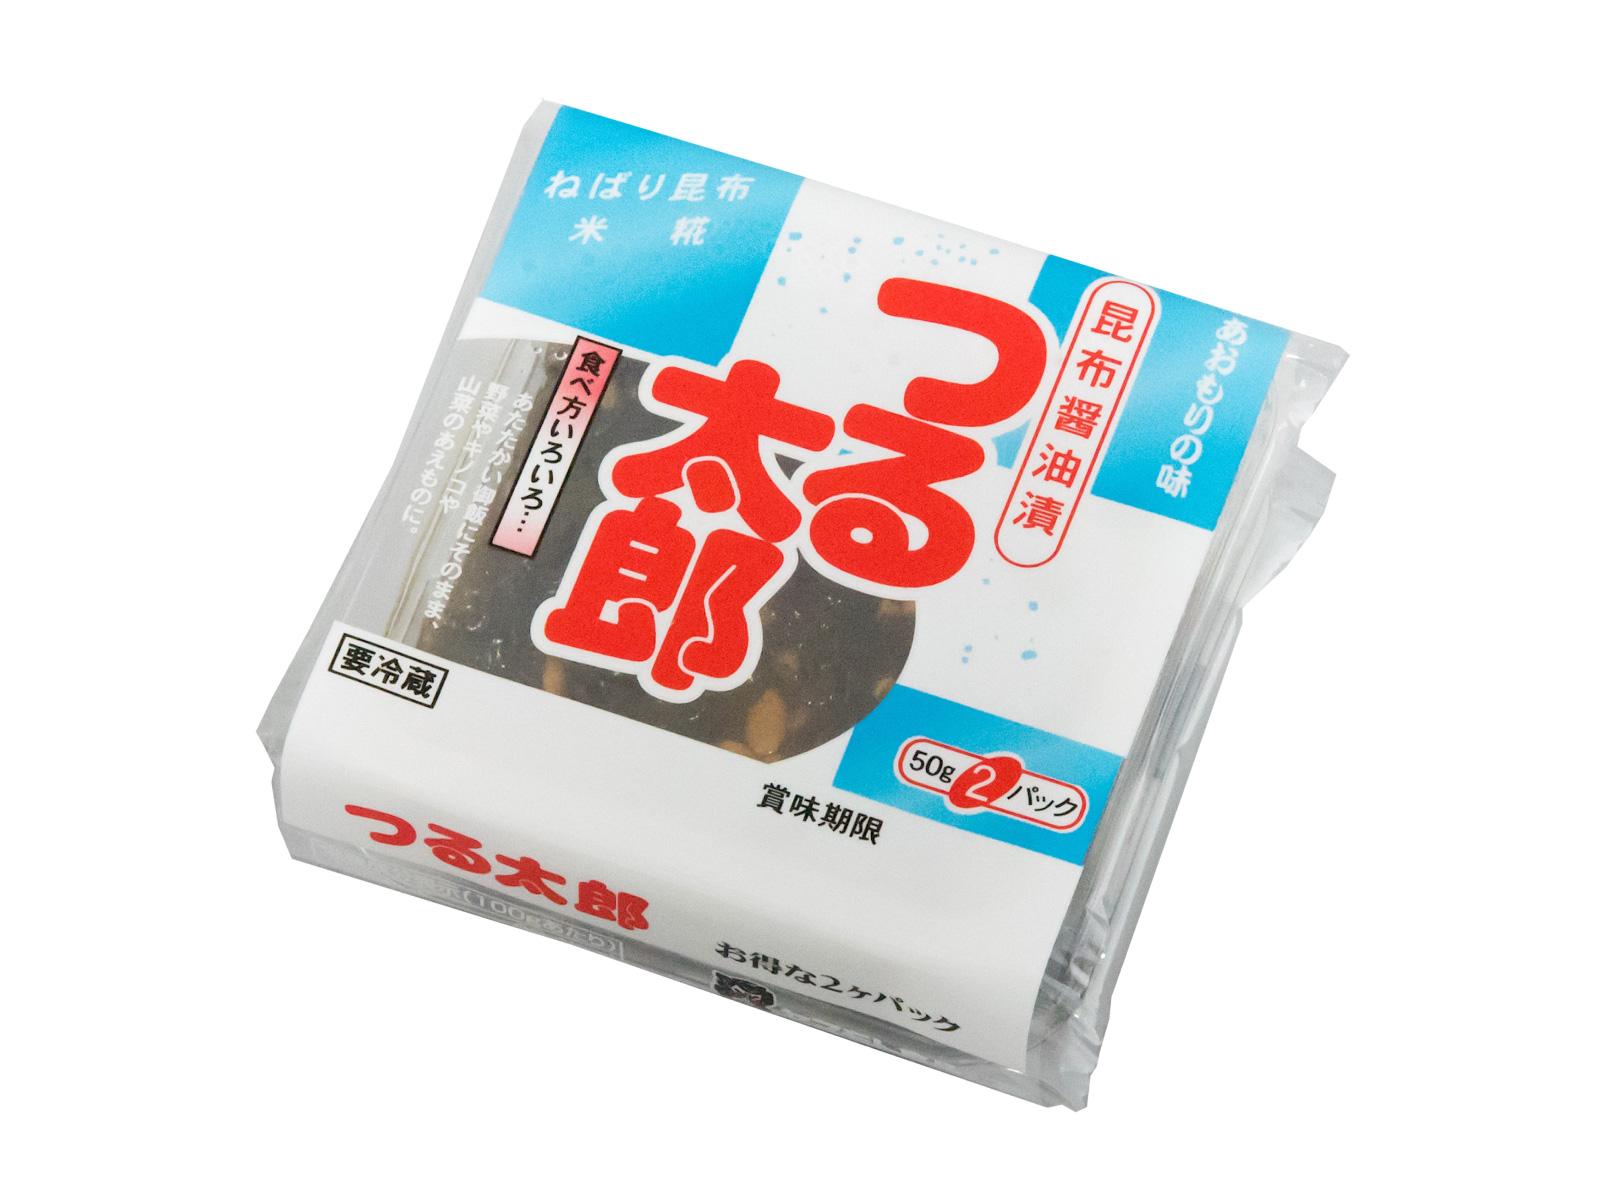 つる太郎(50g×2)